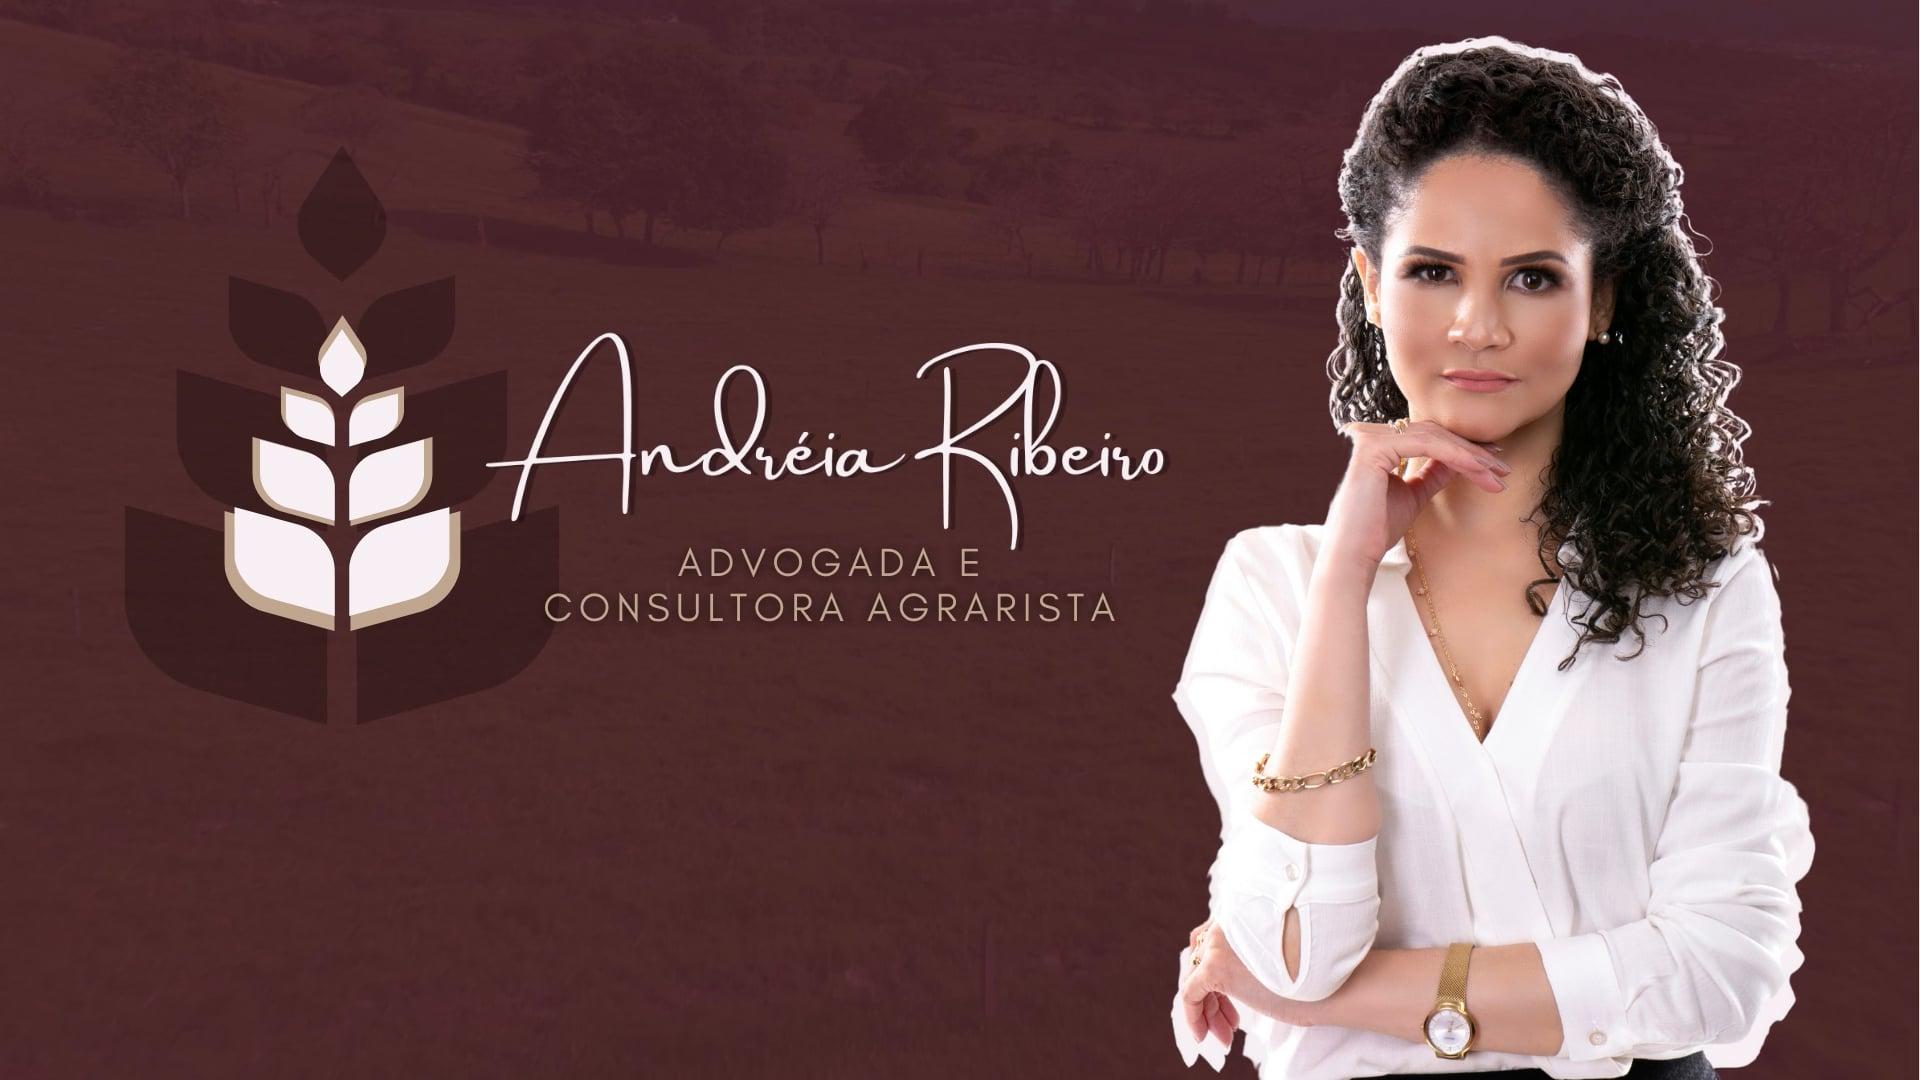 SITE - Advogada Andréia Ribeiro - Advogada Agrarista